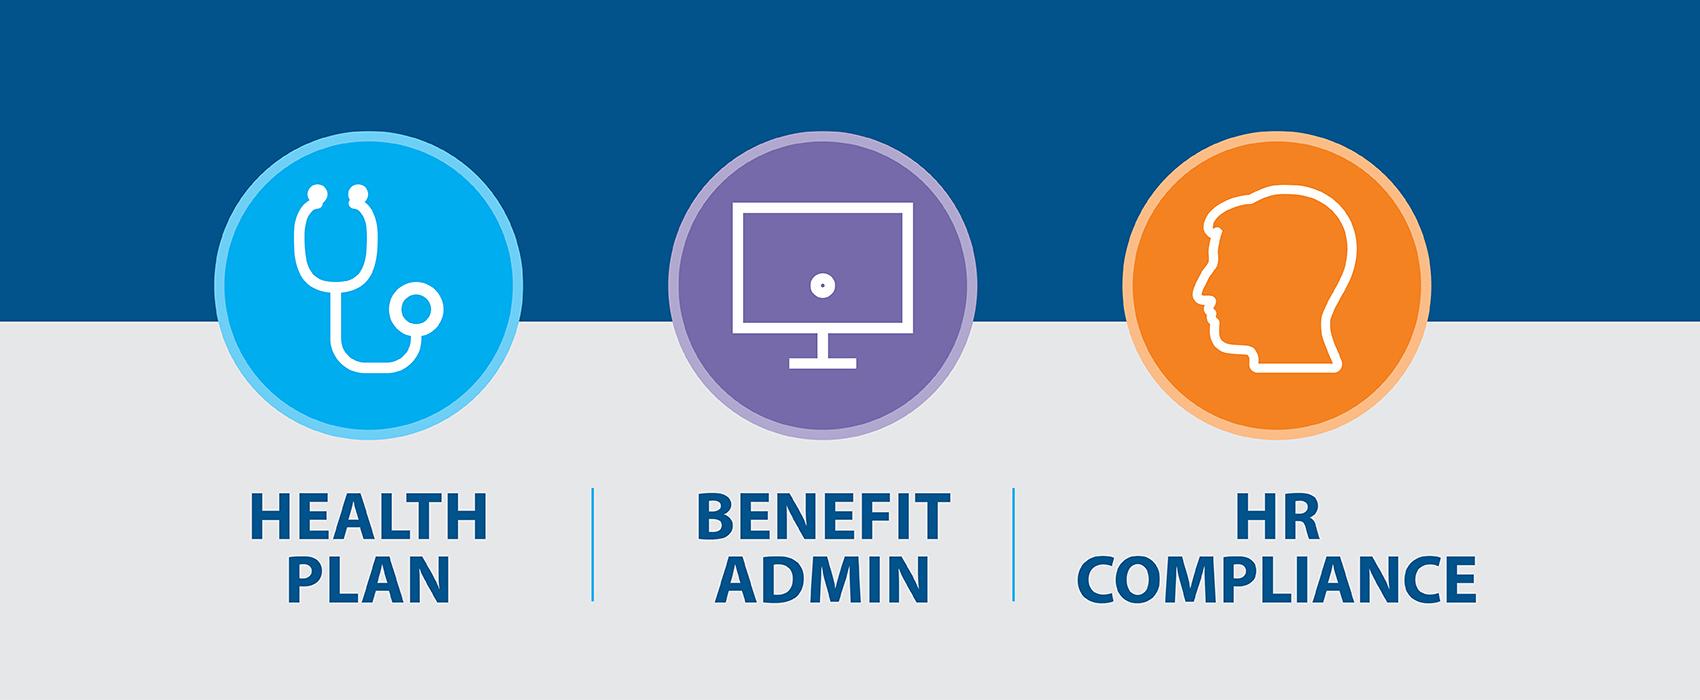 Health Plan - Benefit Admin - HR Support